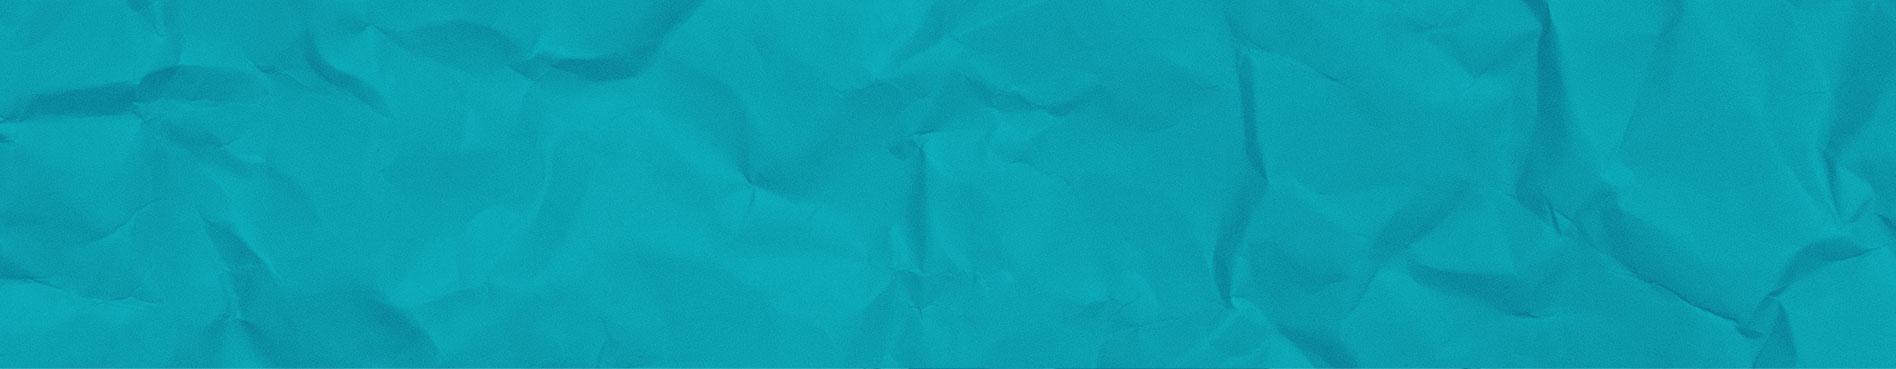 grafika papier niebieski